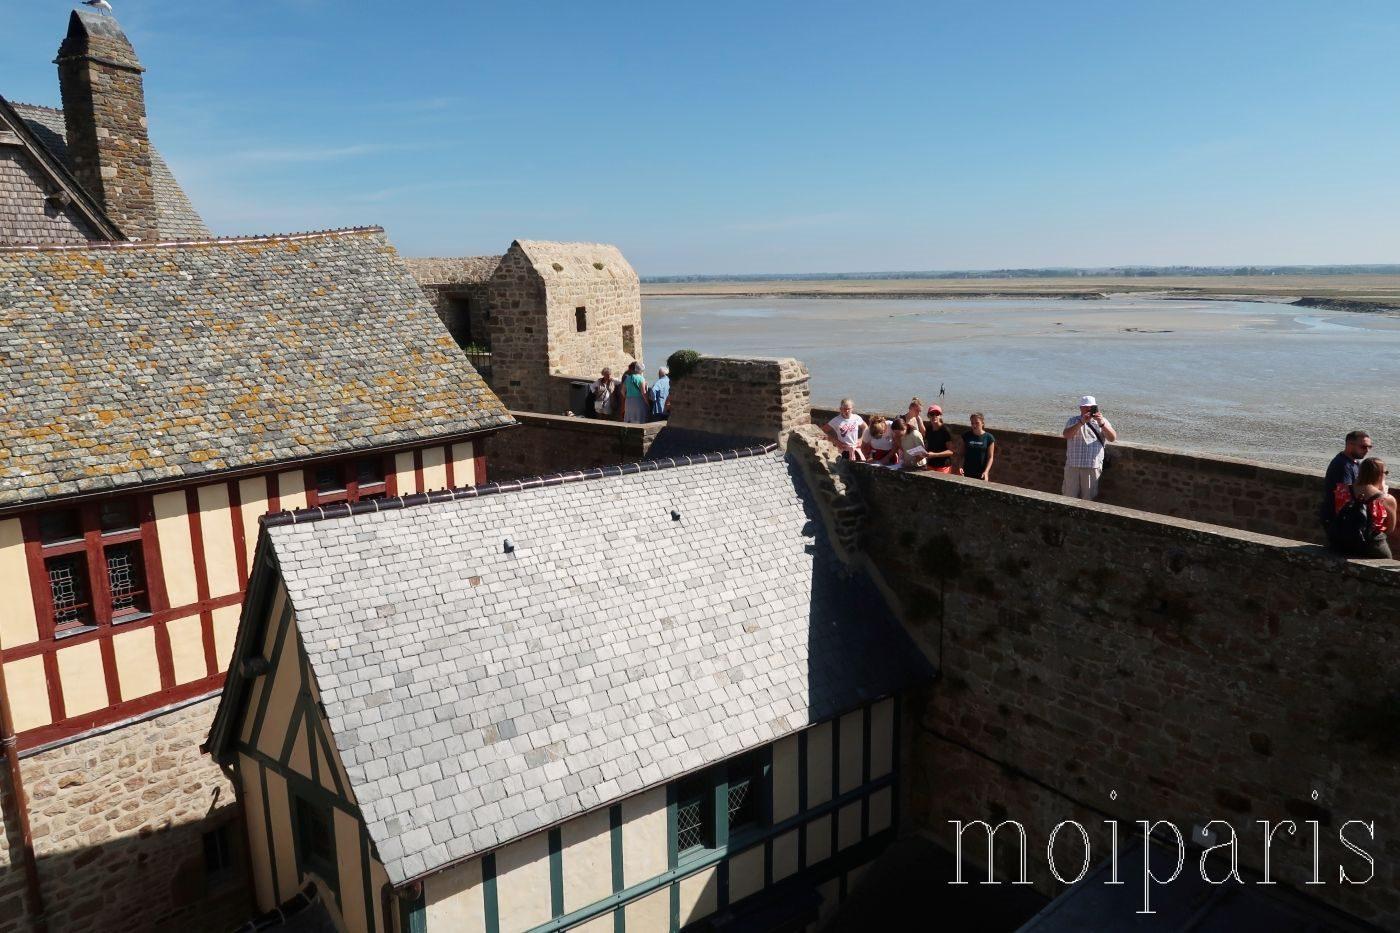 モンサンミッシェル、島内ホテル、窓の景色、海を一望。